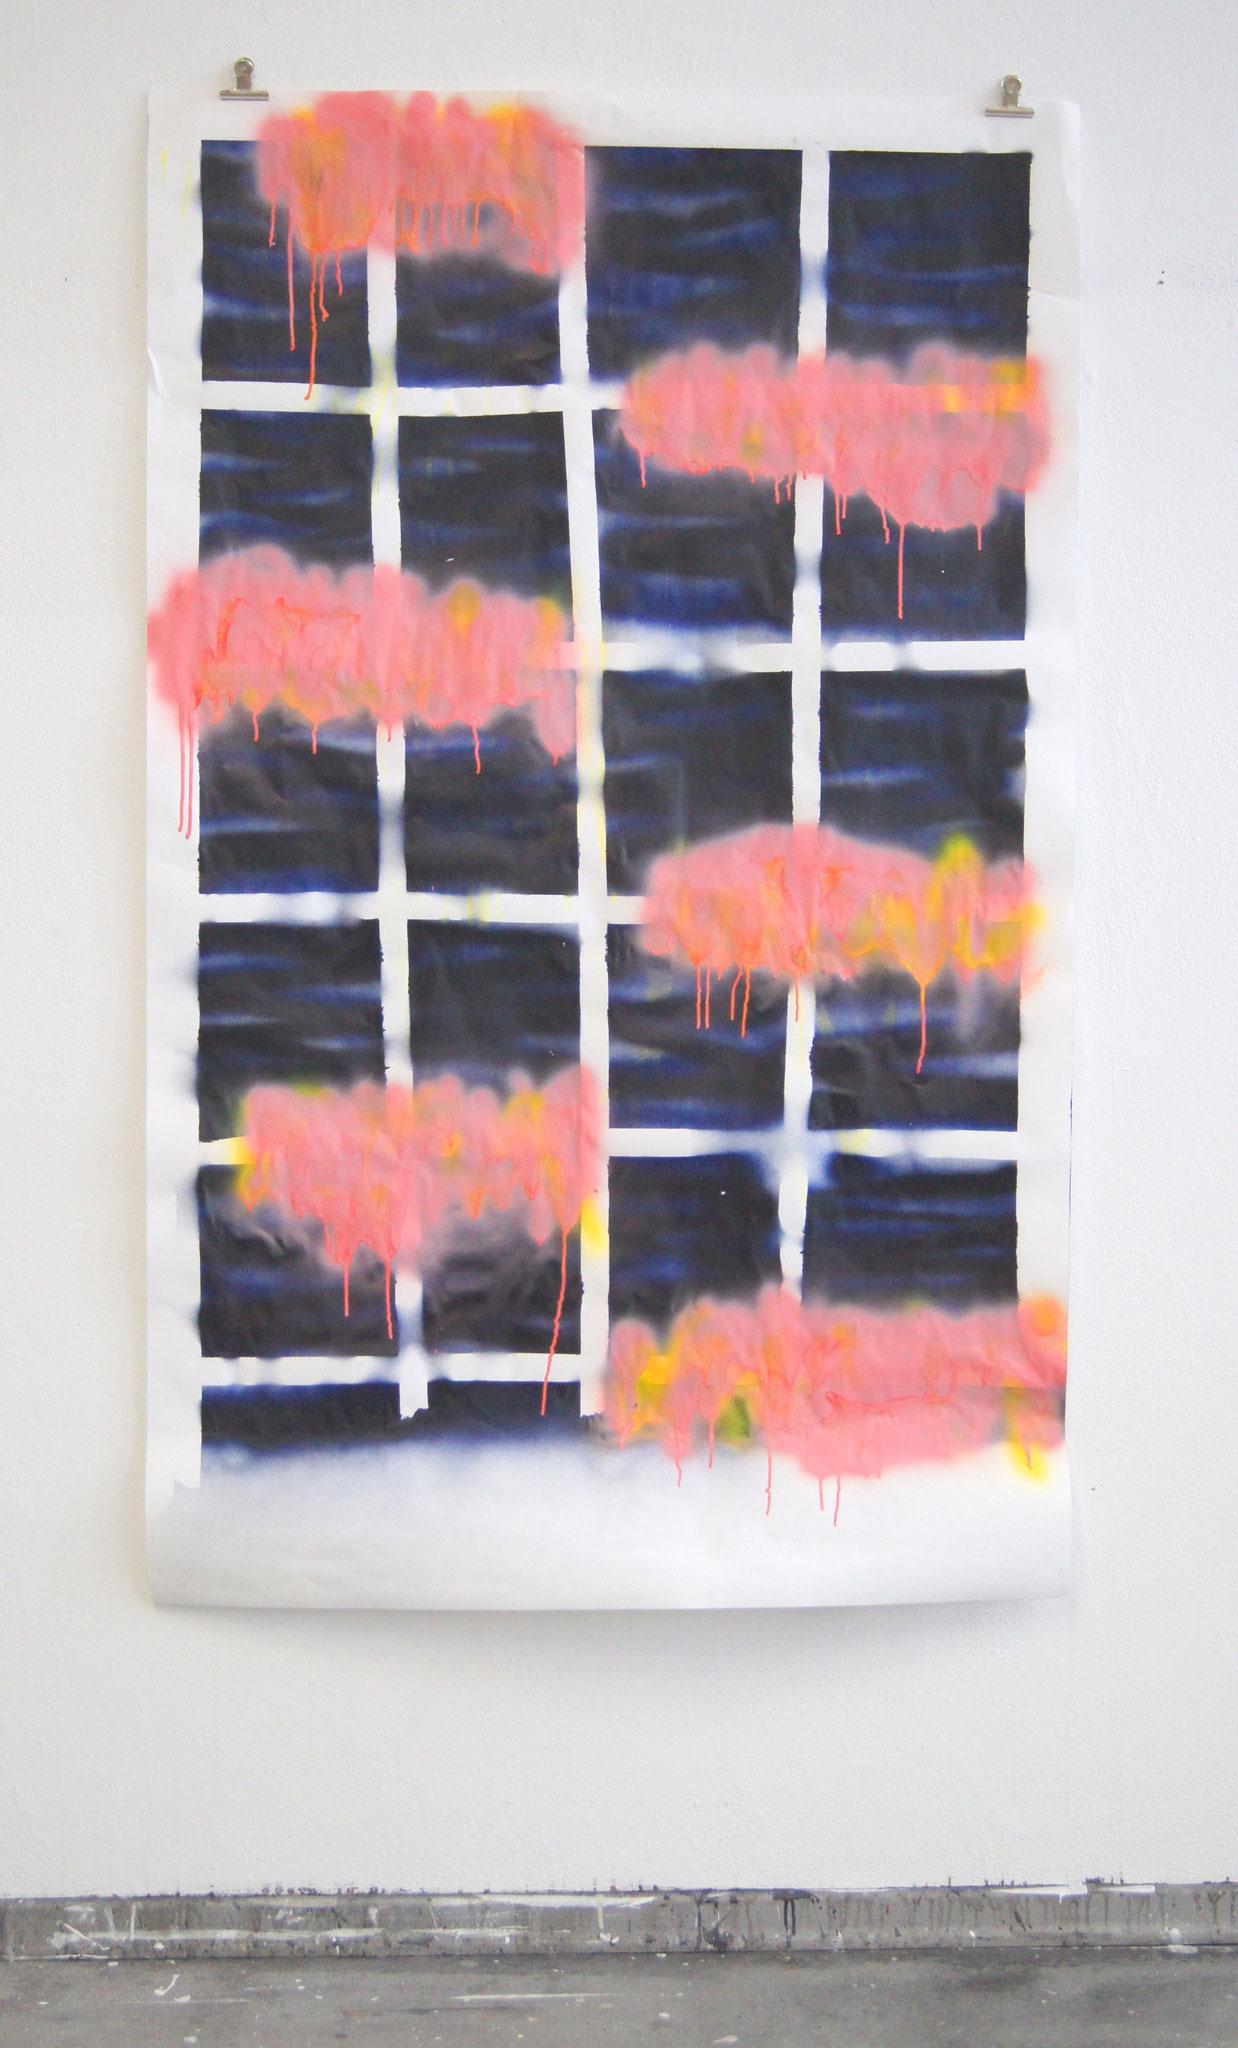 Himmelsstück, Ölkreide und Acrylspray, 1m x 1,60m